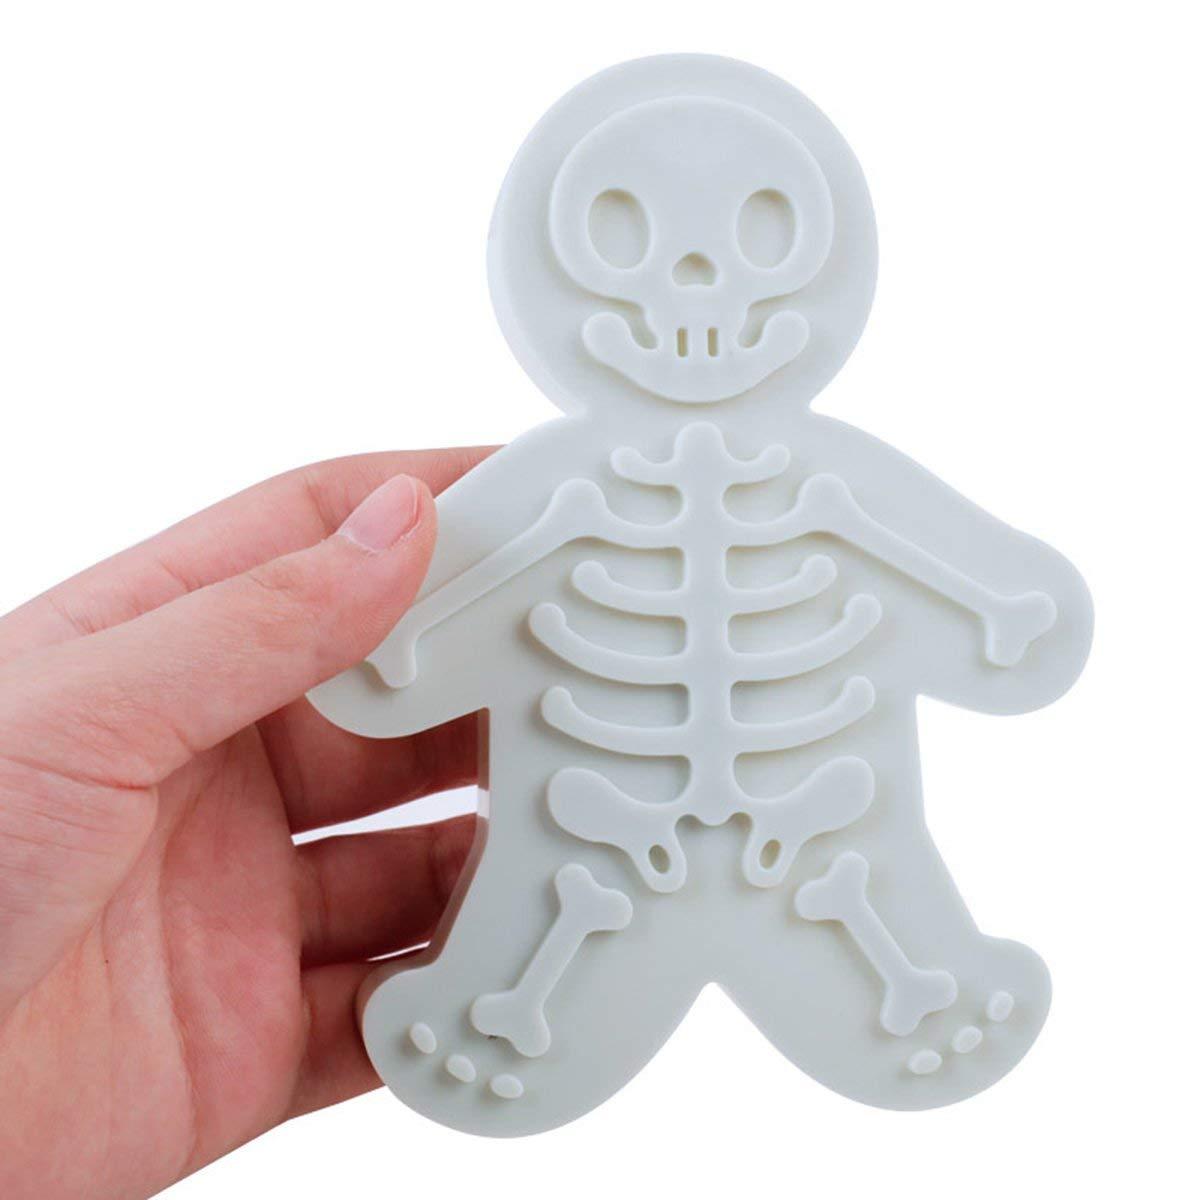 Gugutogo C2512 Skeleton Gingerbread Man Biscuit Die DIY Herramienta de Cocina Presi/ón Fabricante de Galletas Molde para Hornear Herramientas para Hornear